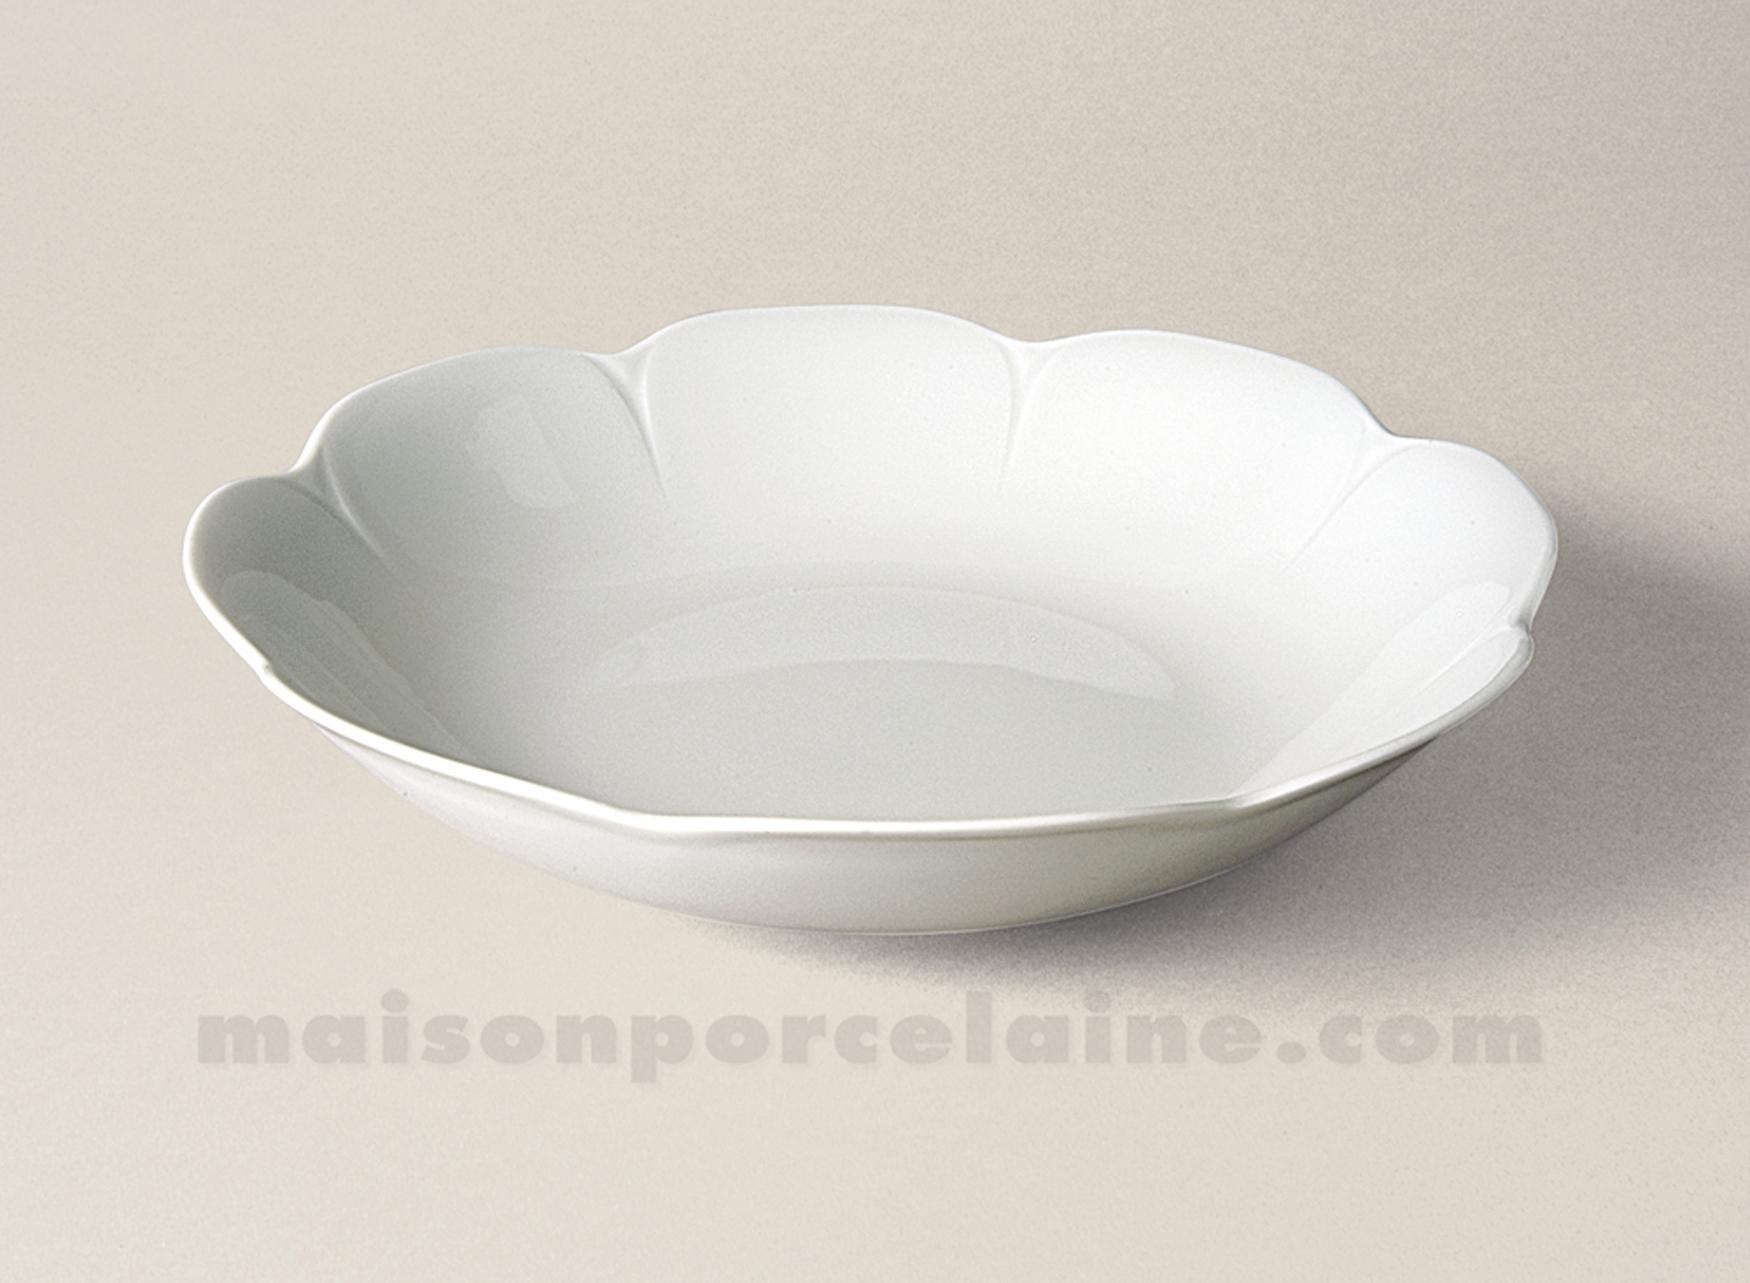 Plat creux coupe limoges porcelaine blanche nymphea d29 for Maison de la porcelaine